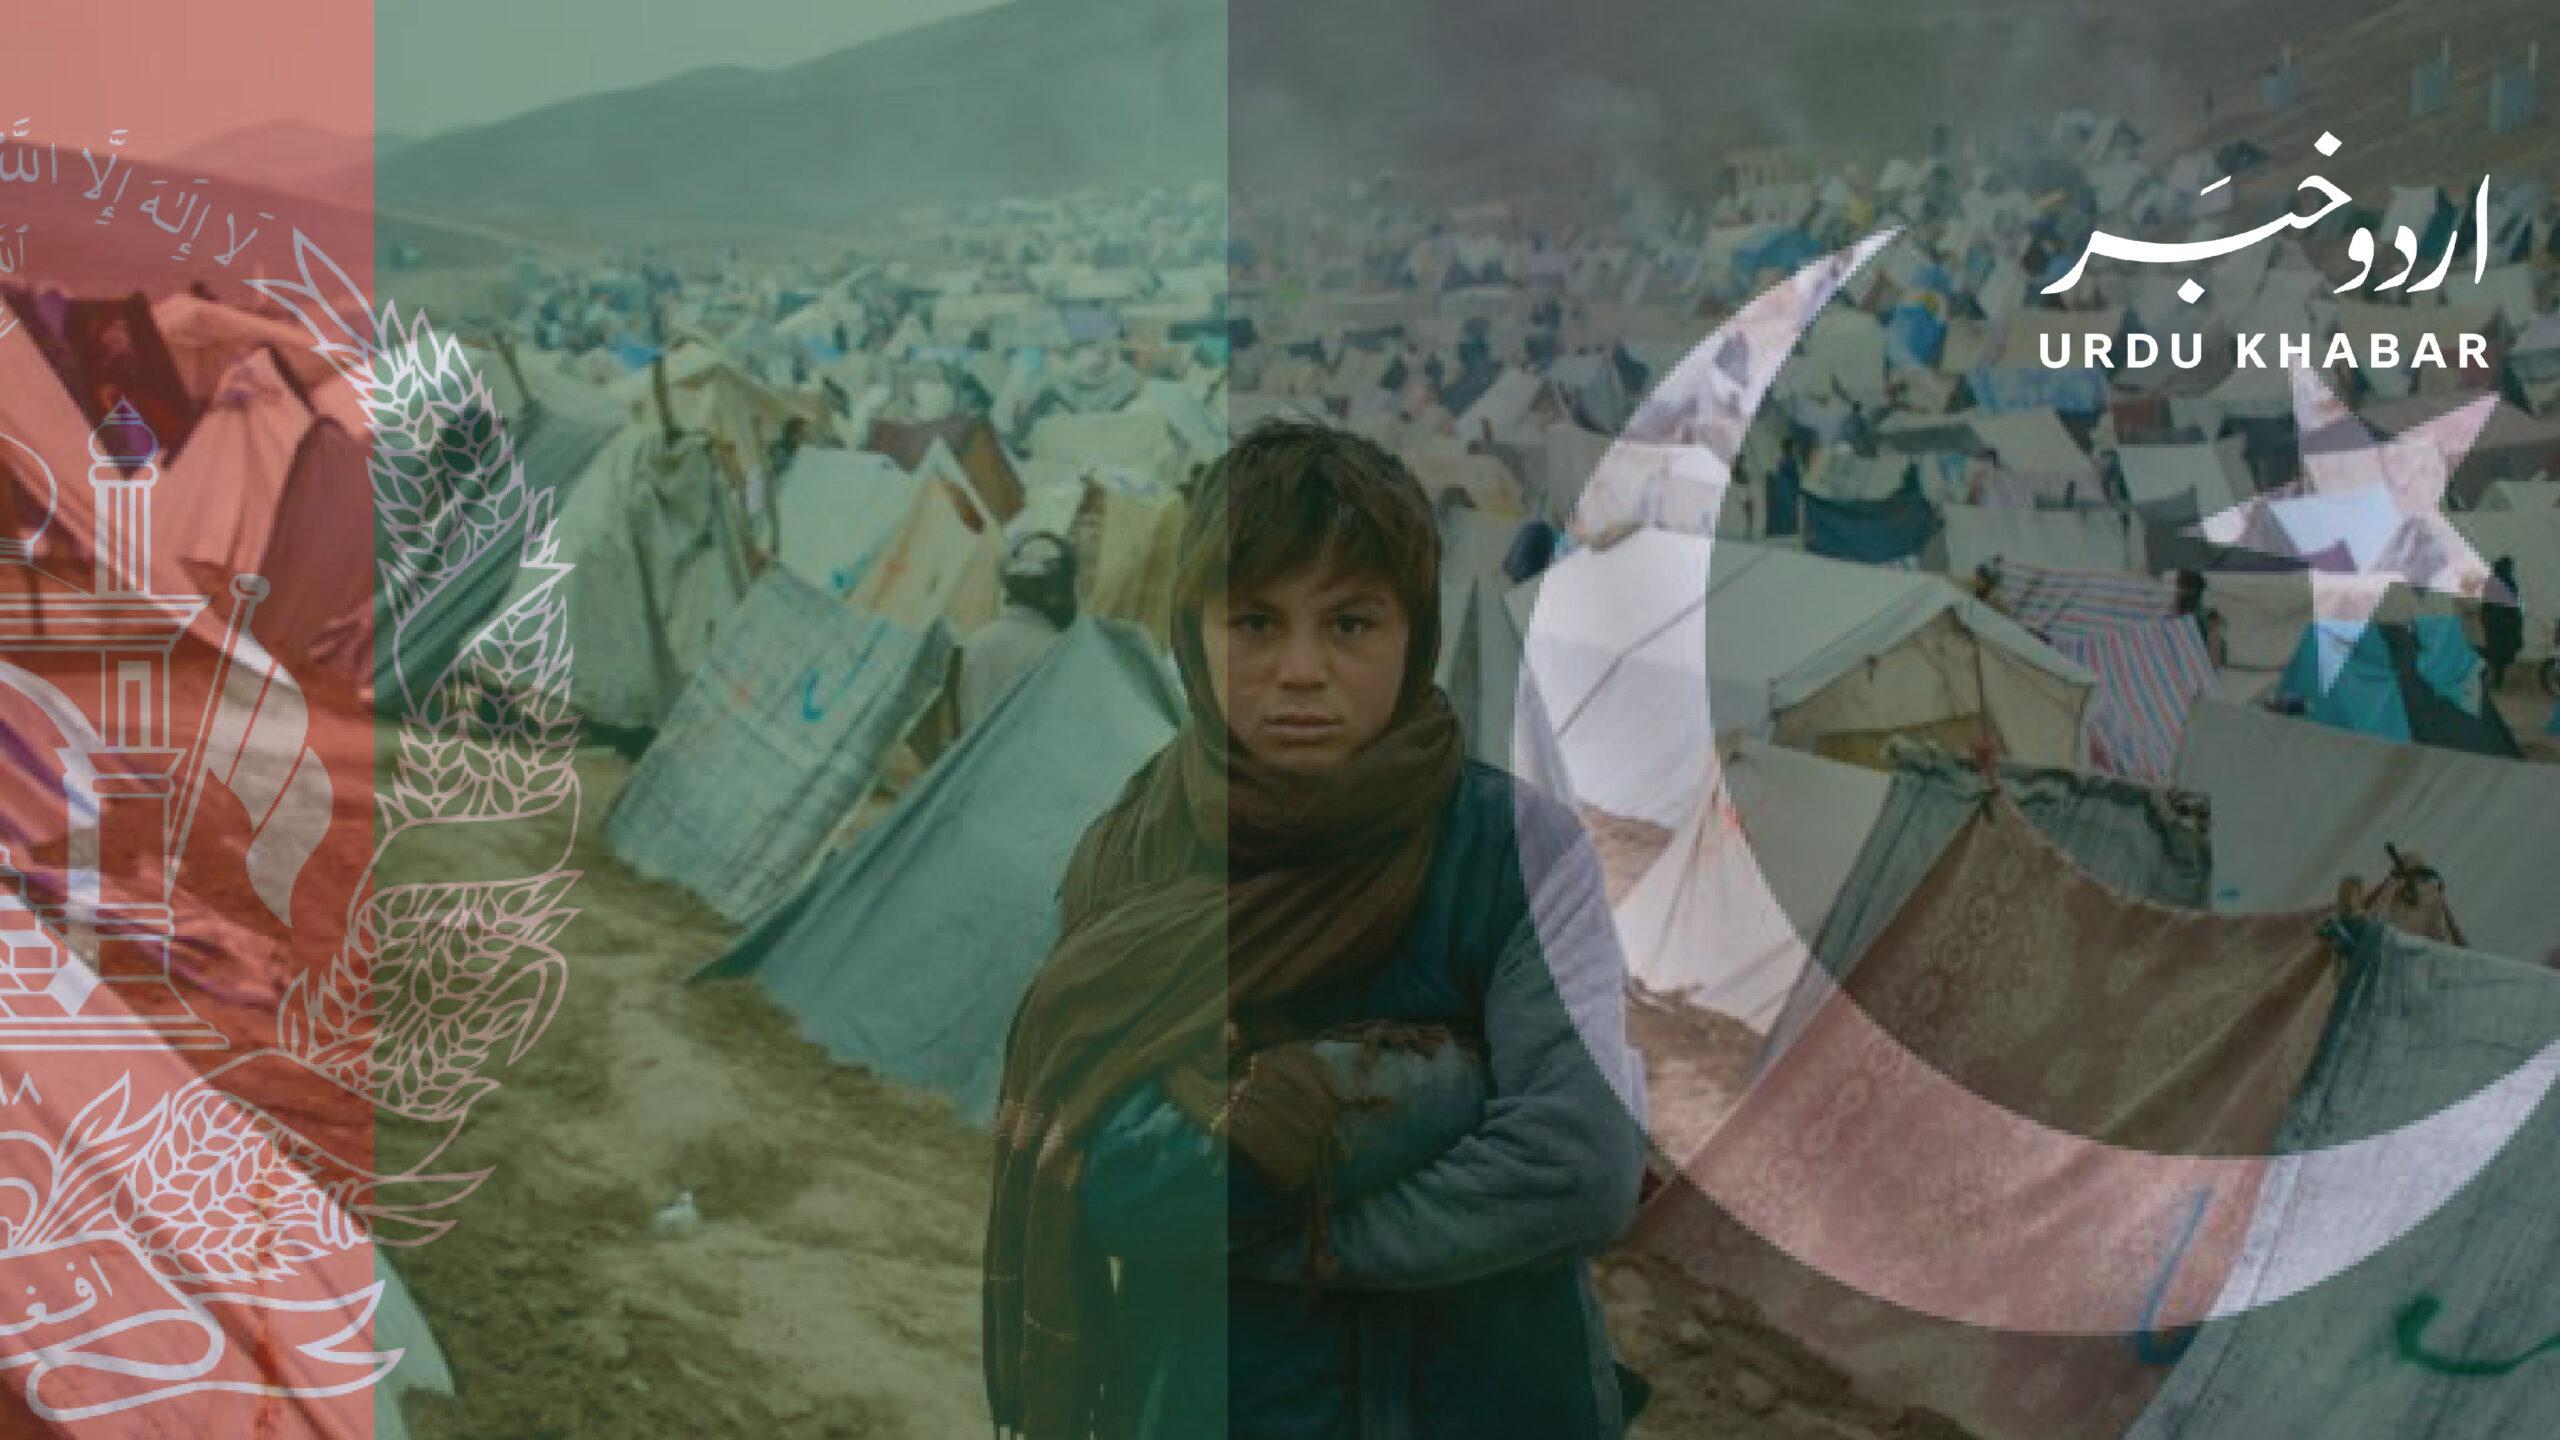 جو افغان مہاجر پاکستان مخالف ایجنڈے پہ کام کرتا نظر آیا تو فورا ملک بدر کیا جائے گا